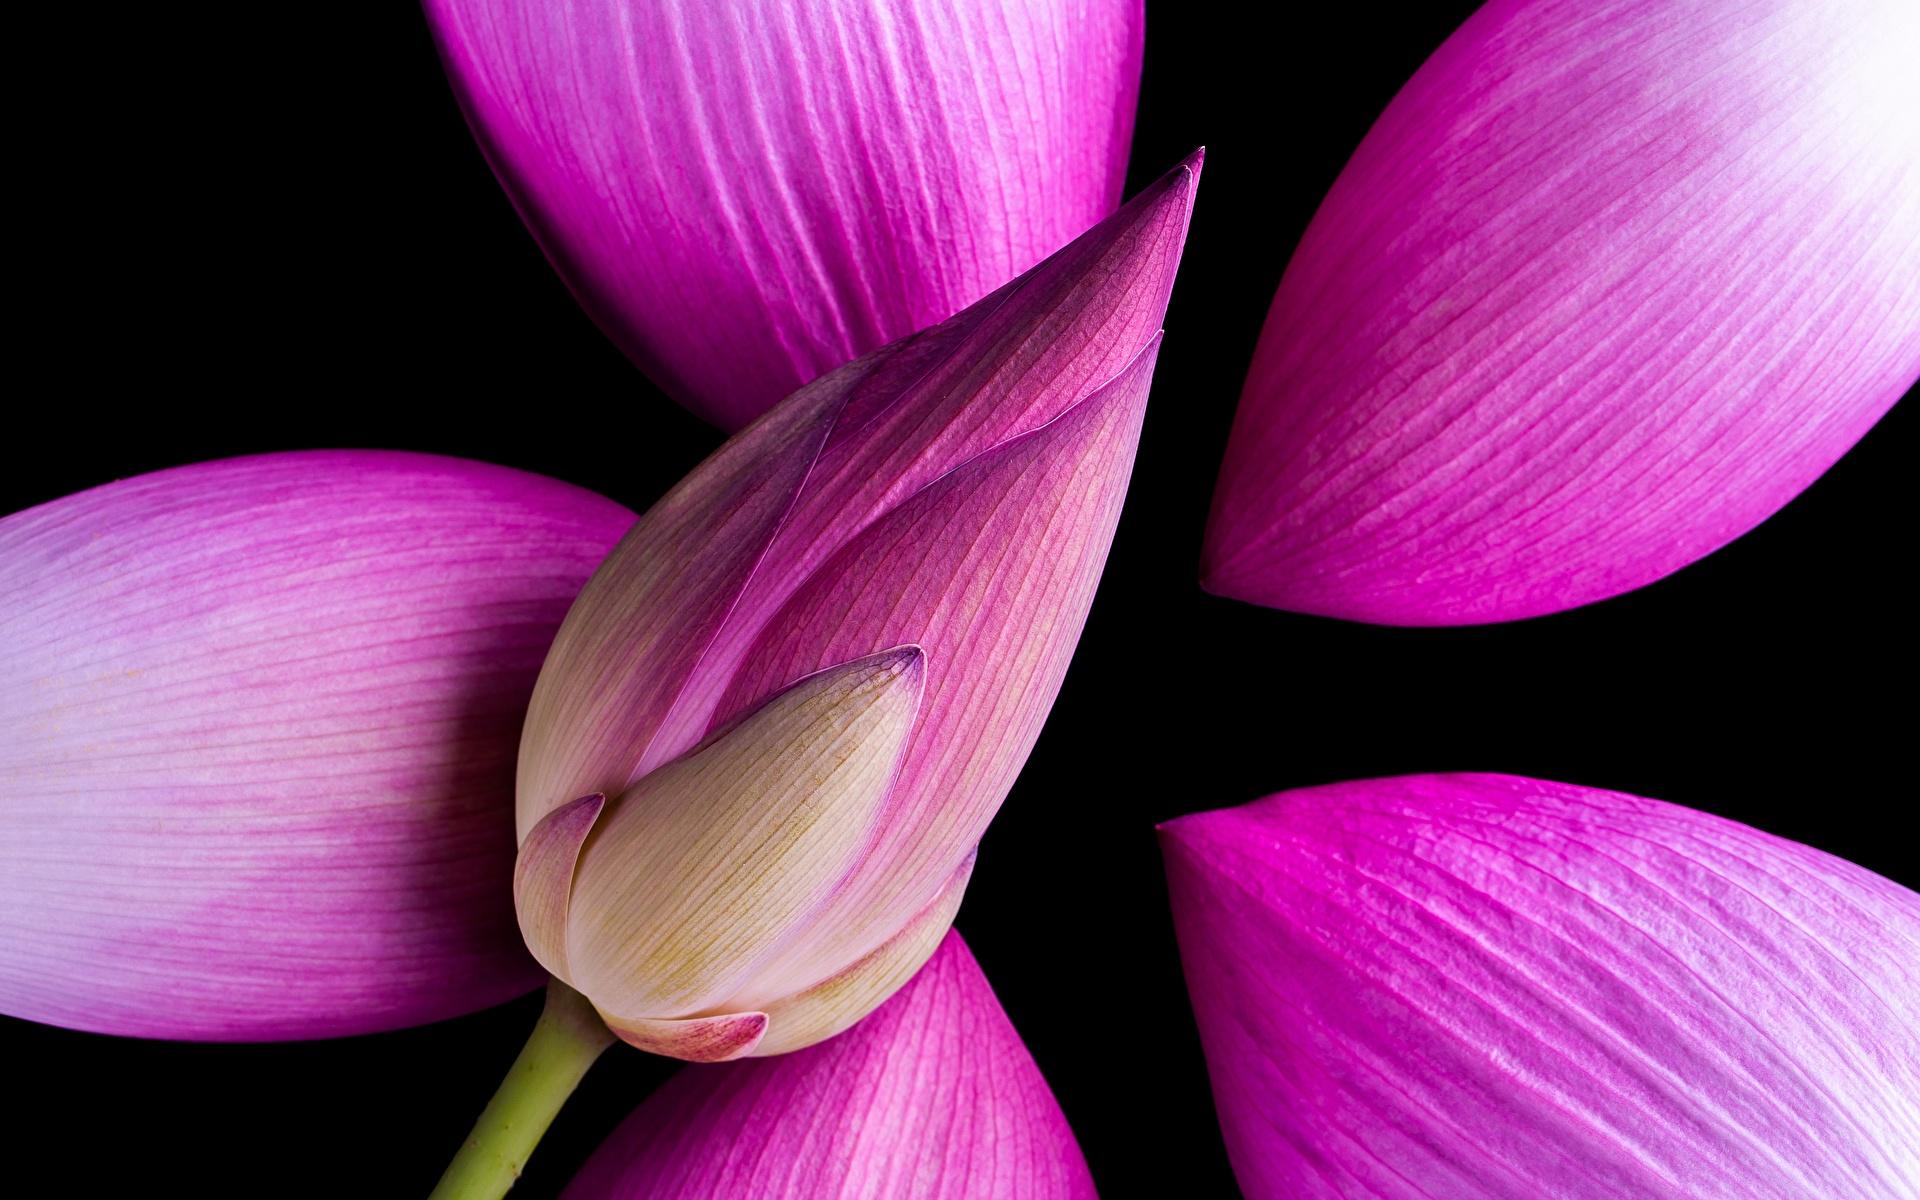 Обои для рабочего стола розовых Лотос Цветы вблизи 1920x1200 розовая розовые Розовый цветок Крупным планом